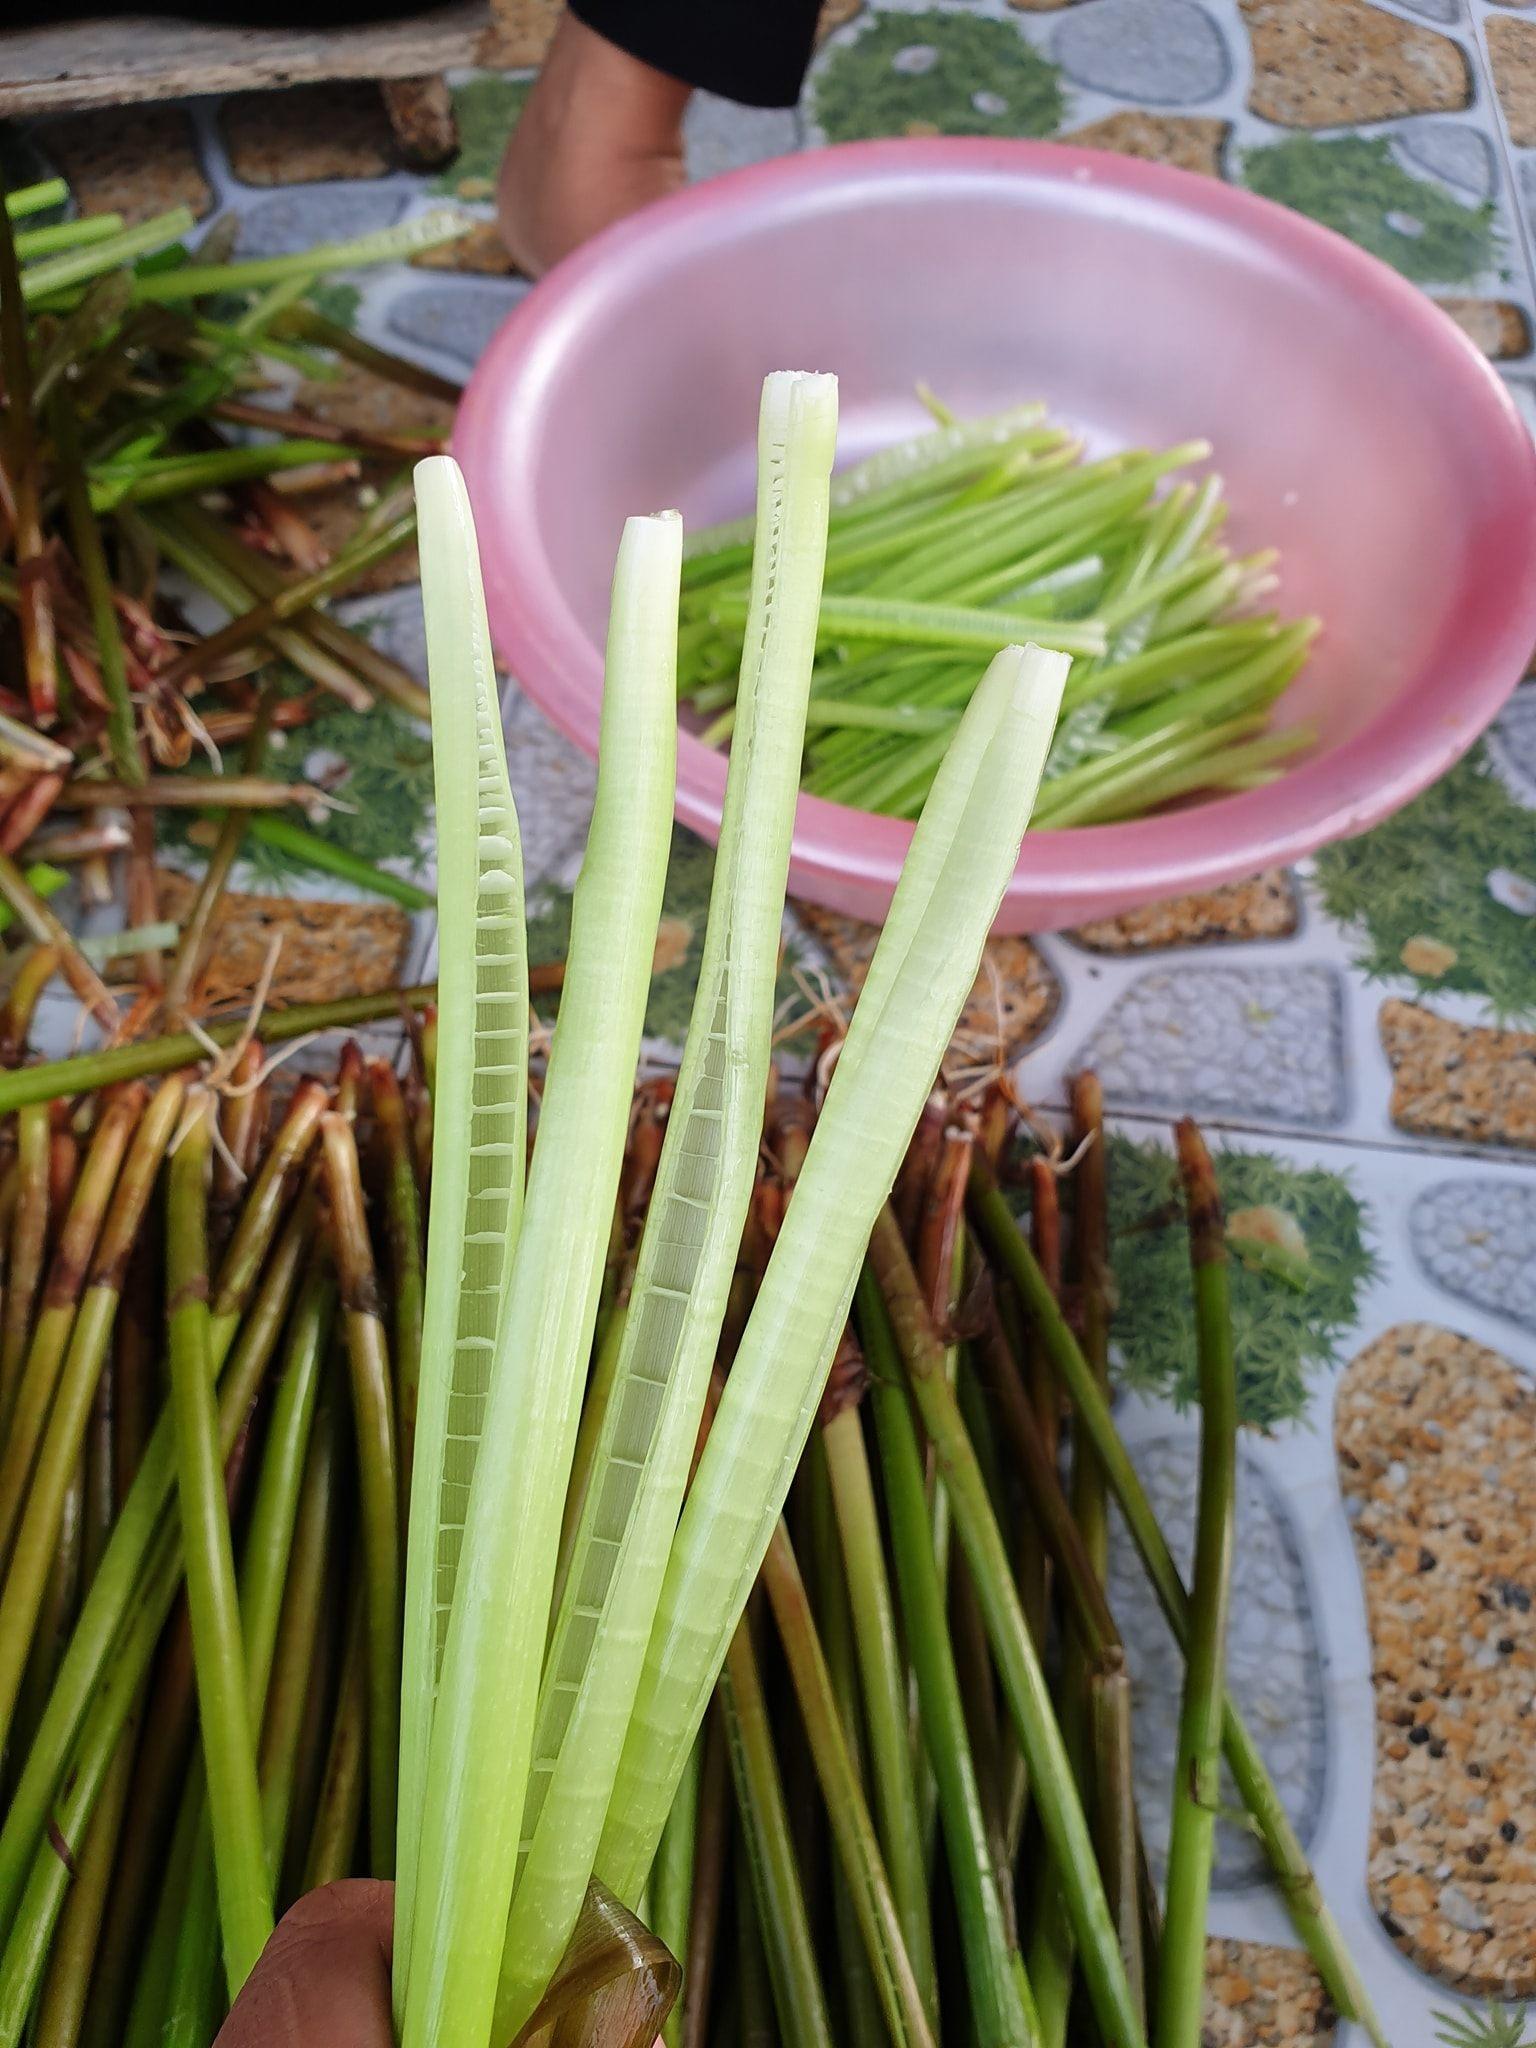 Loại rau miền Tây xưa mọc không ai hái, giờ thành đặc sản nổi tiếng bán trên chợ mạng giá 120.000 đồng/kg - Ảnh 4.